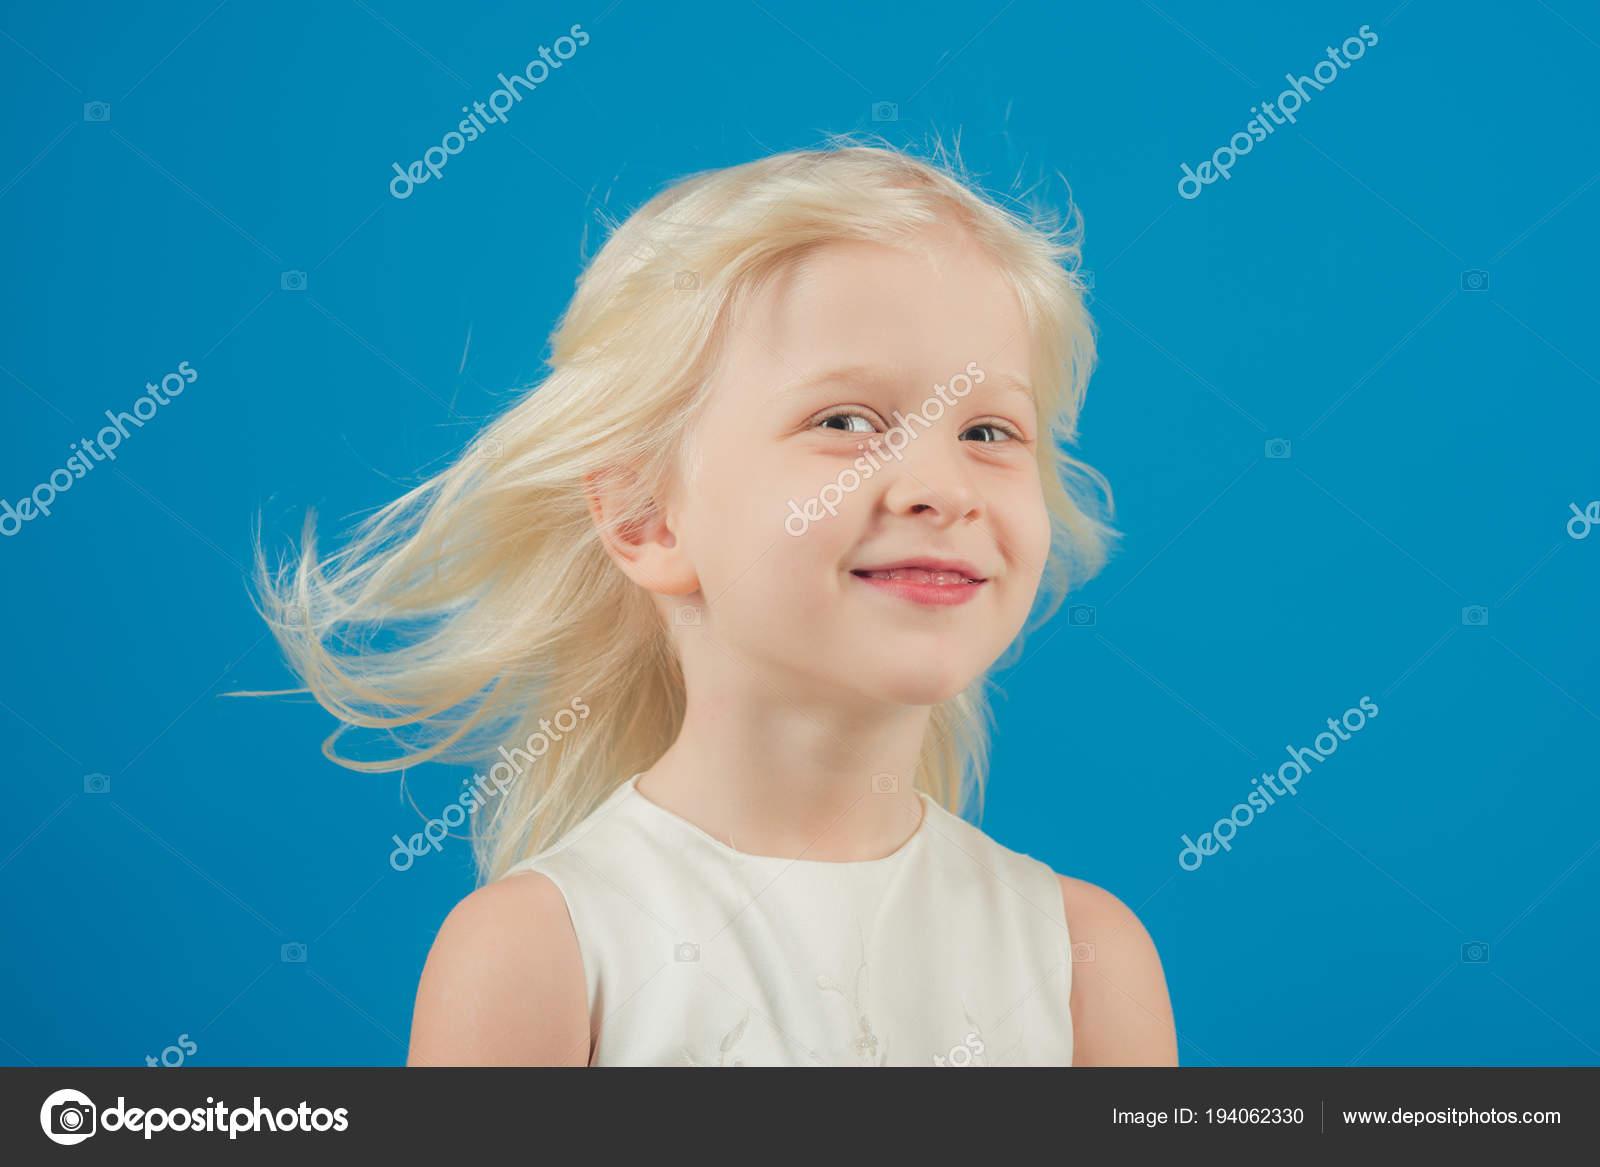 Friseursalon Mit Blonde Kind Friseur Trend Von Kleinen Madchen Mit